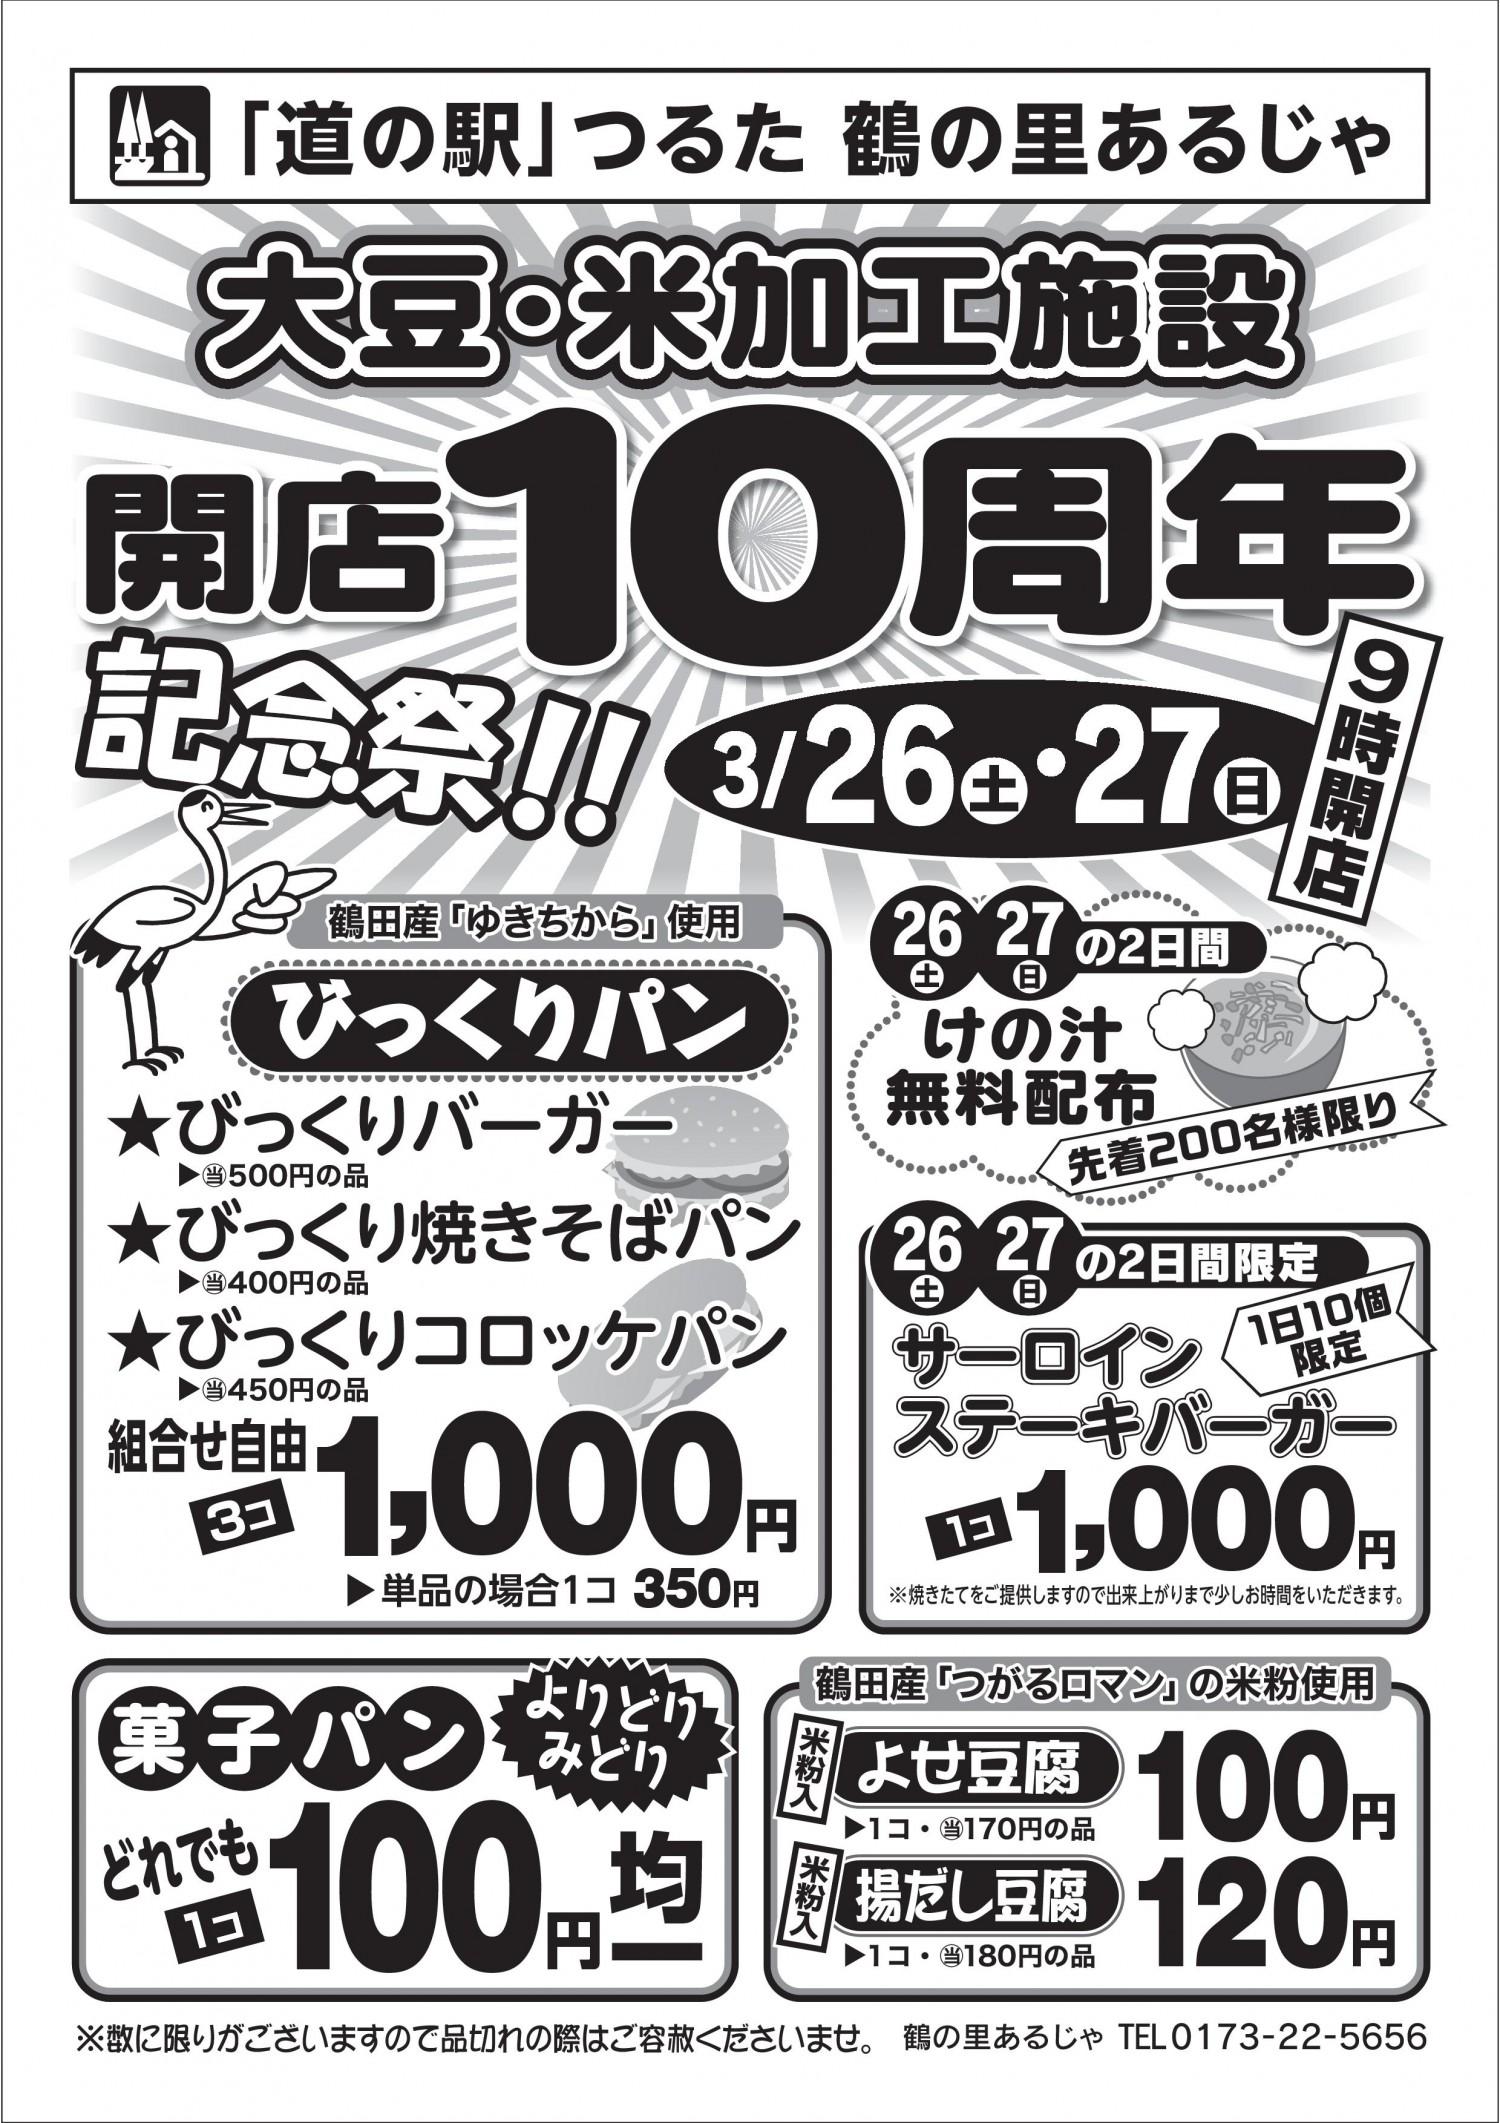 2016年3月26日・27日道の駅つるた鶴の里あるじゃイベント開催